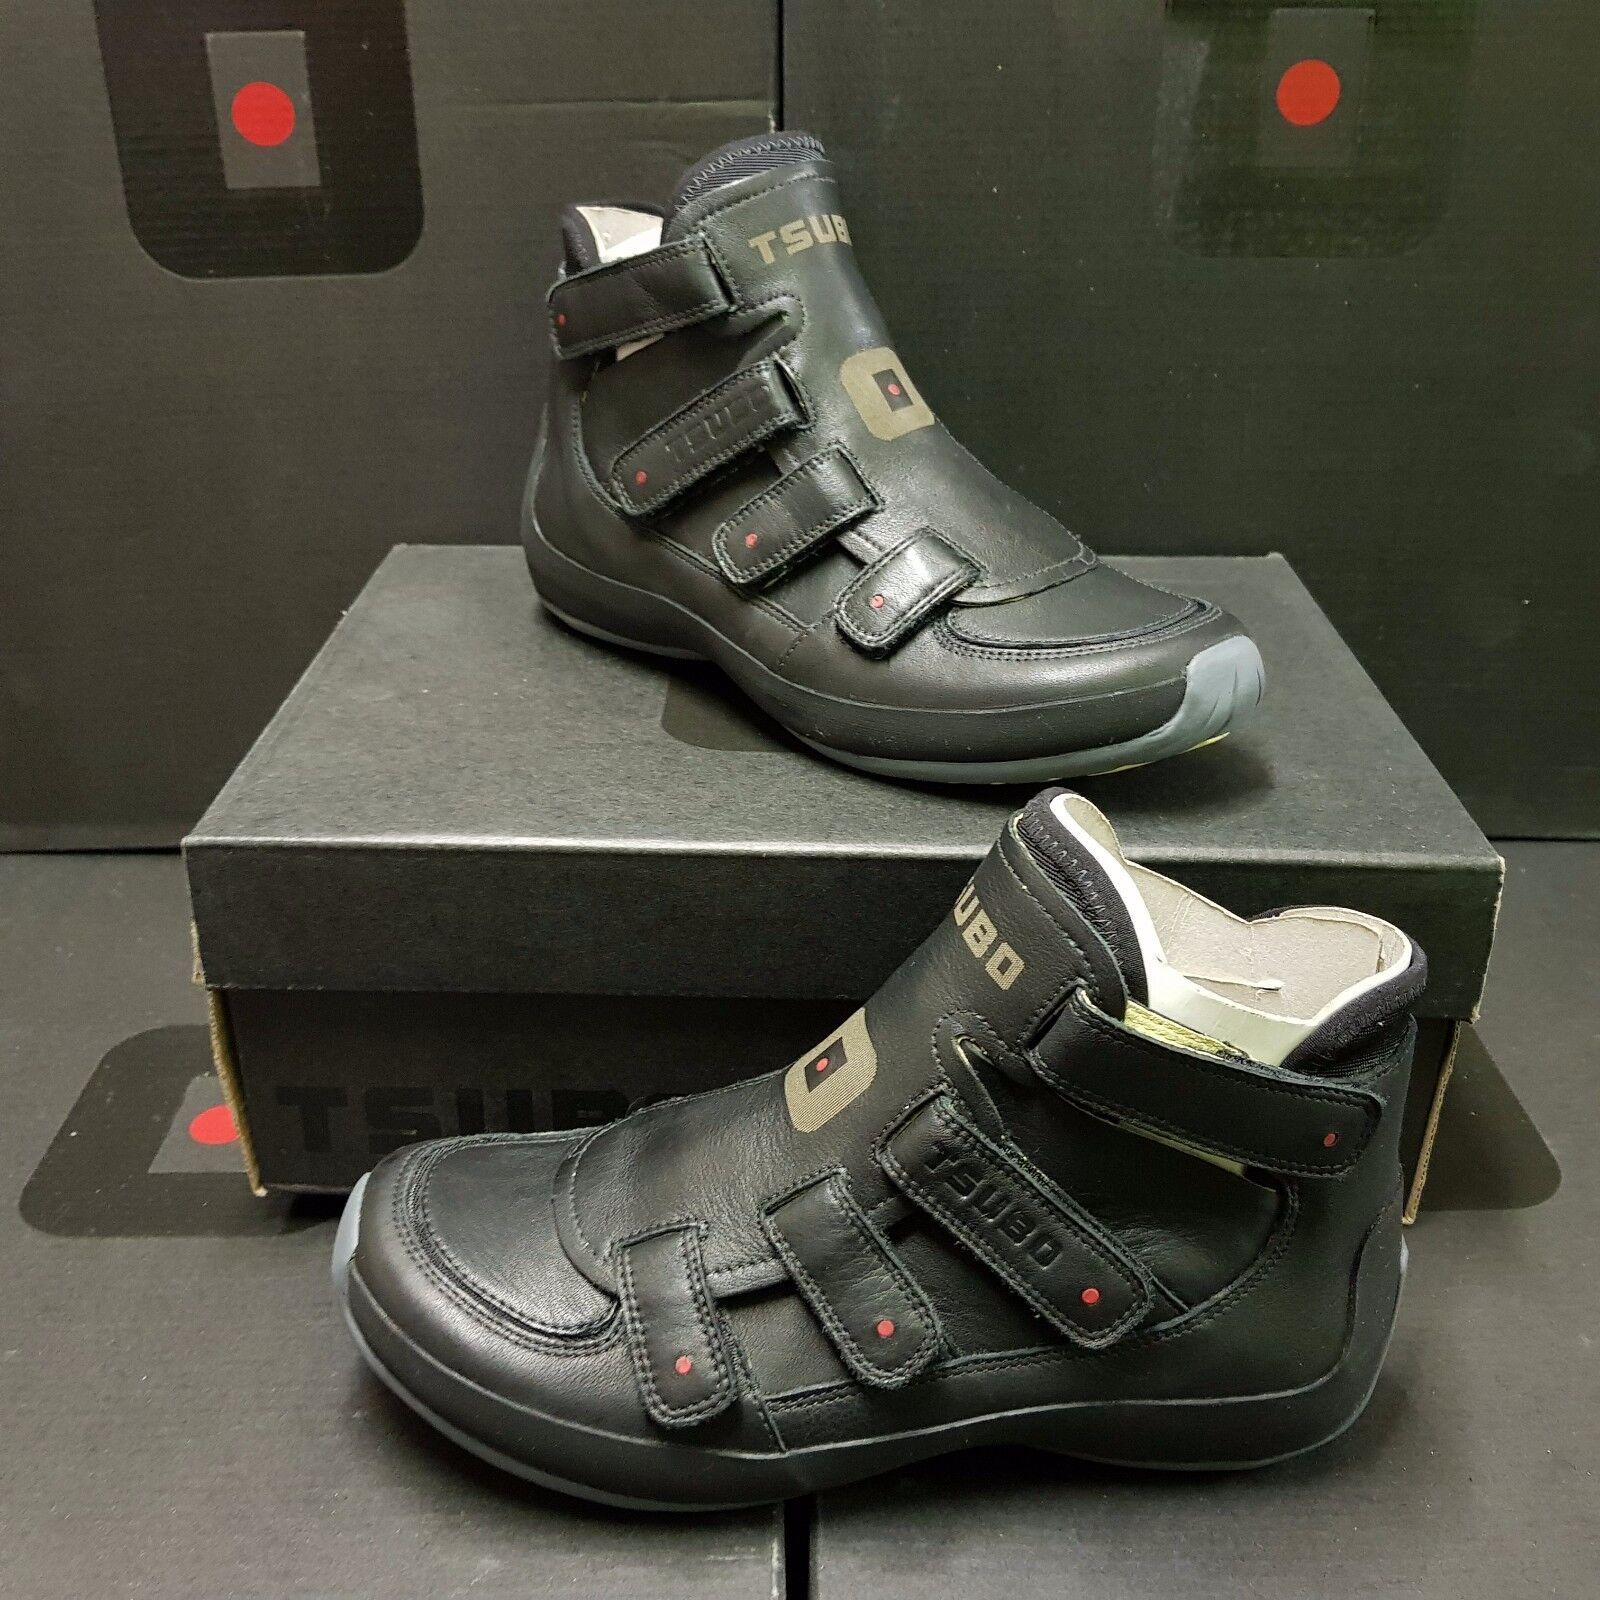 prezzo ragionevole TSUBO Noma Donna city scarpe scarpe scarpe stivali leather US 5.5 EUR 36.5 (rrp )  vendita all'ingrosso